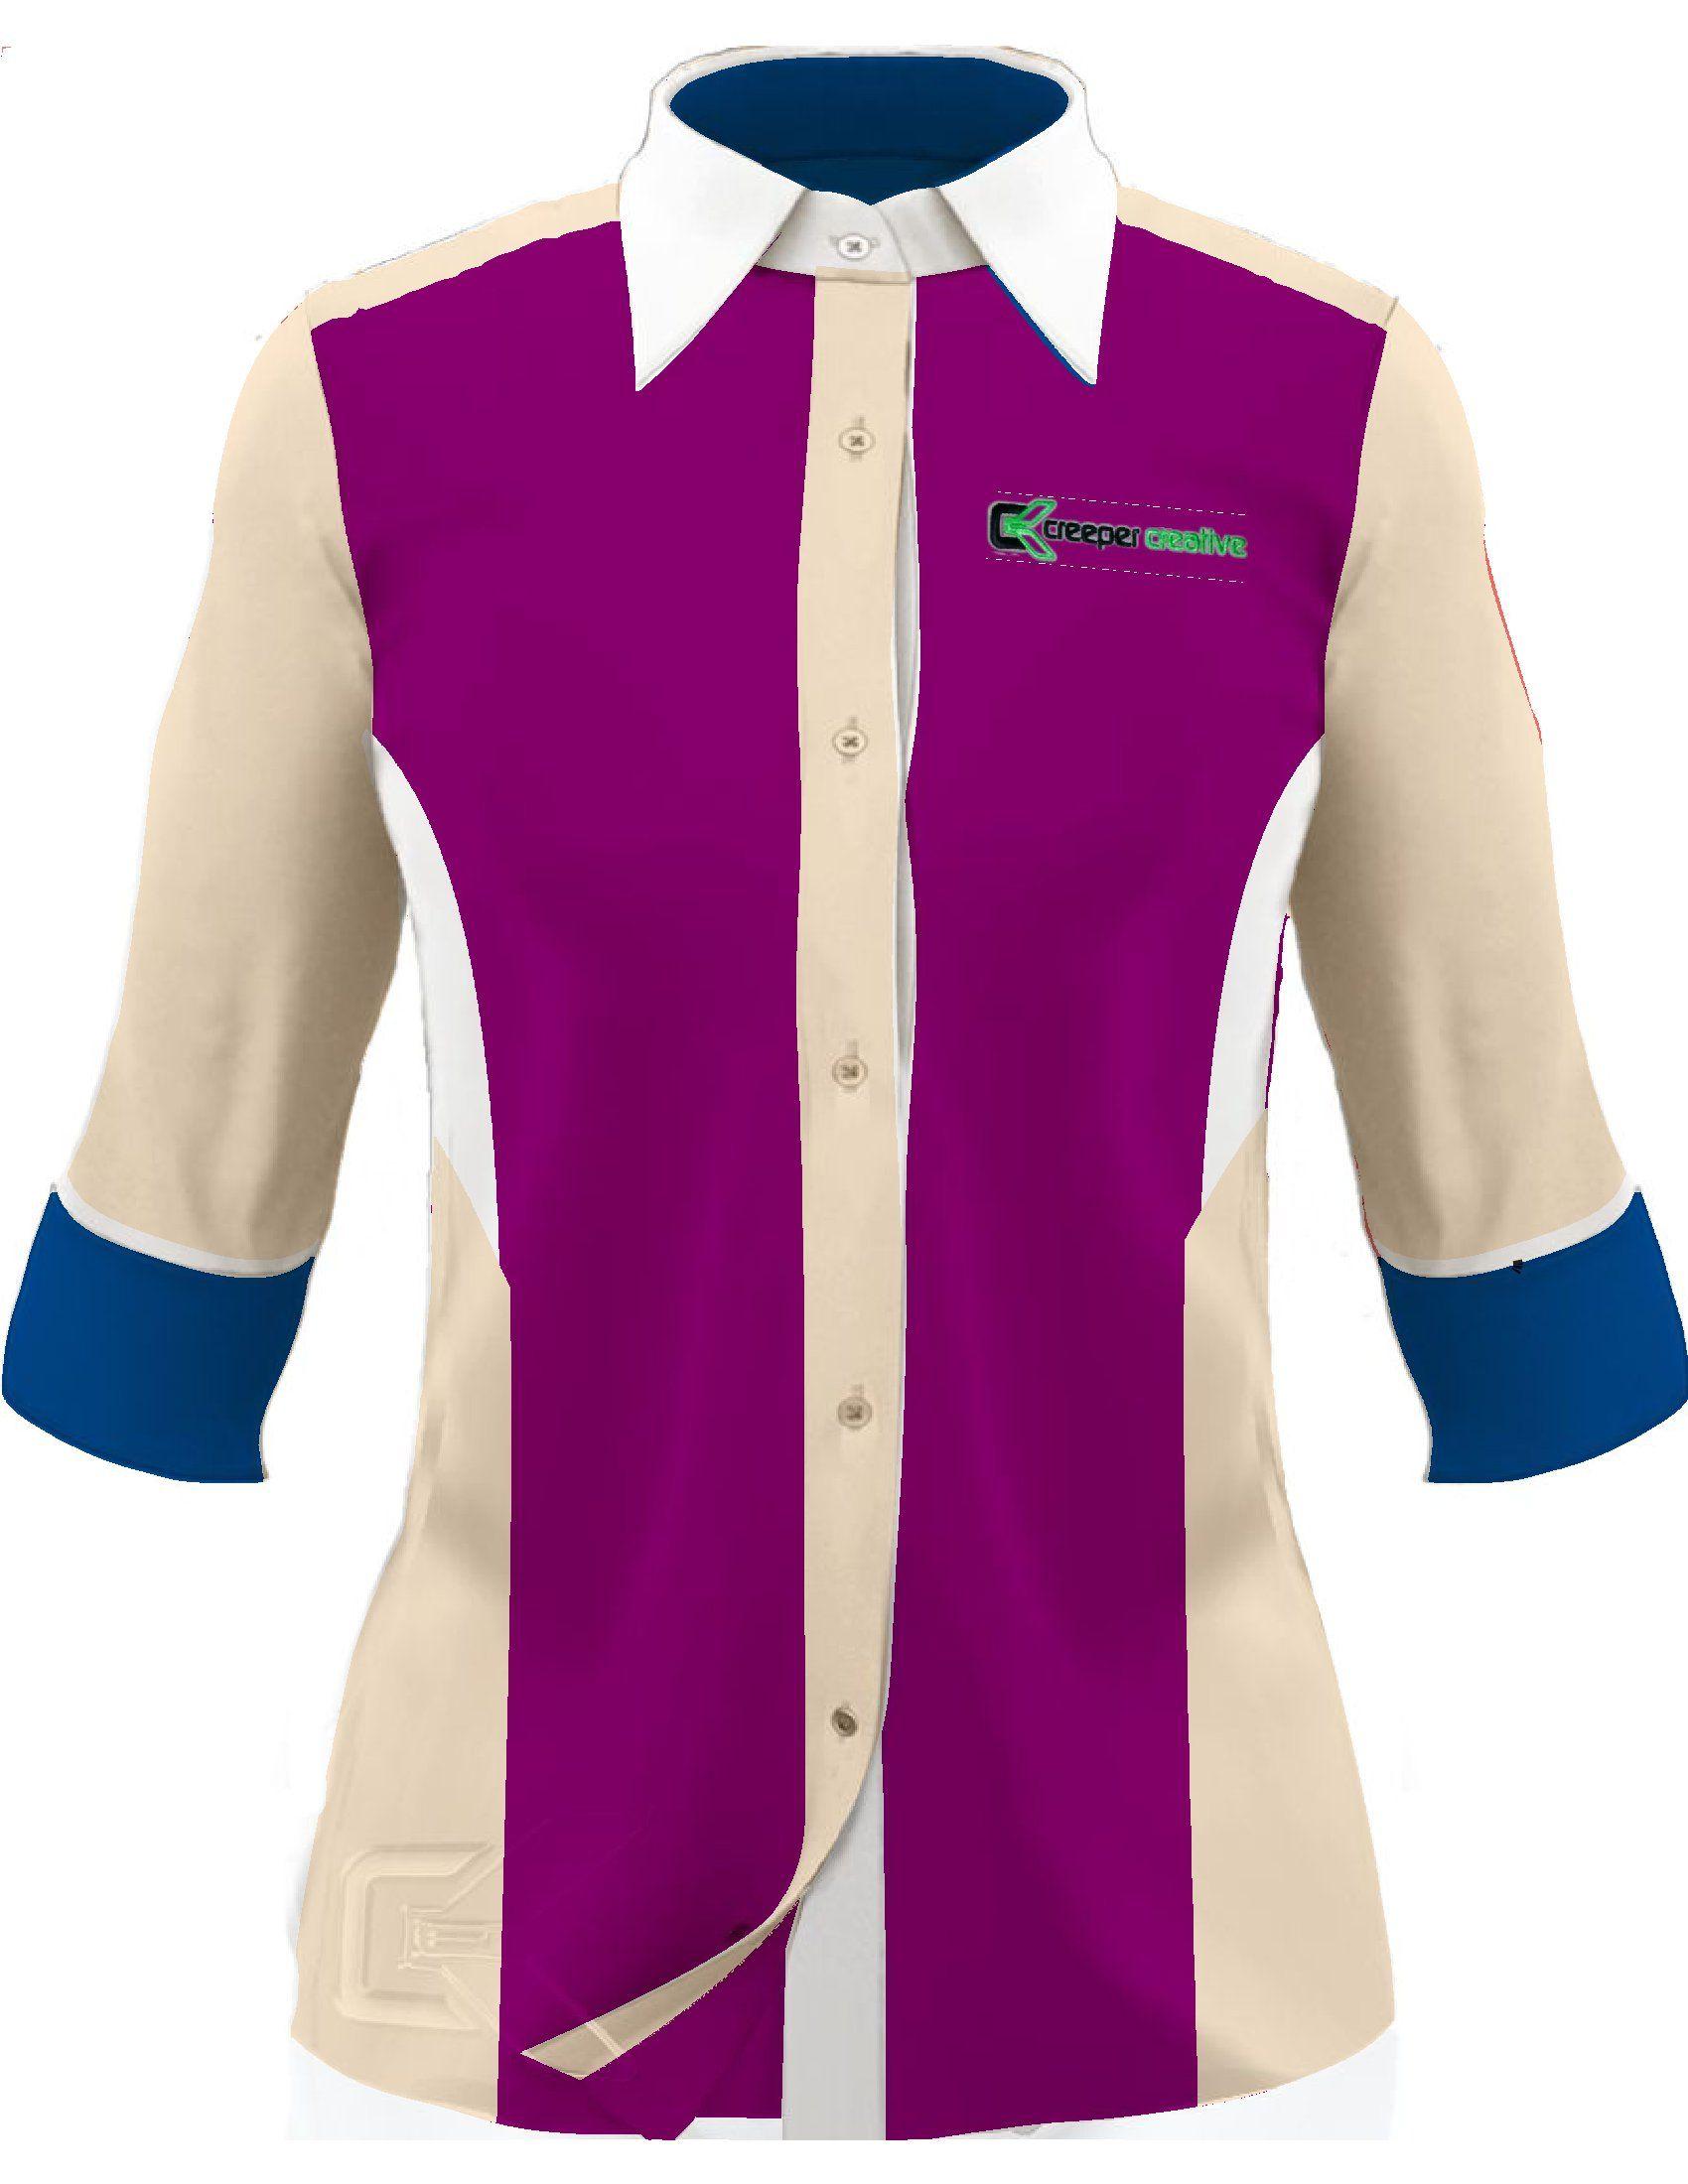 Baju korporat wanita labuh design baju korporat muslimah contoh design baju korporat baju korporat muslimah murah contoh baju korporat terkini baju korporat